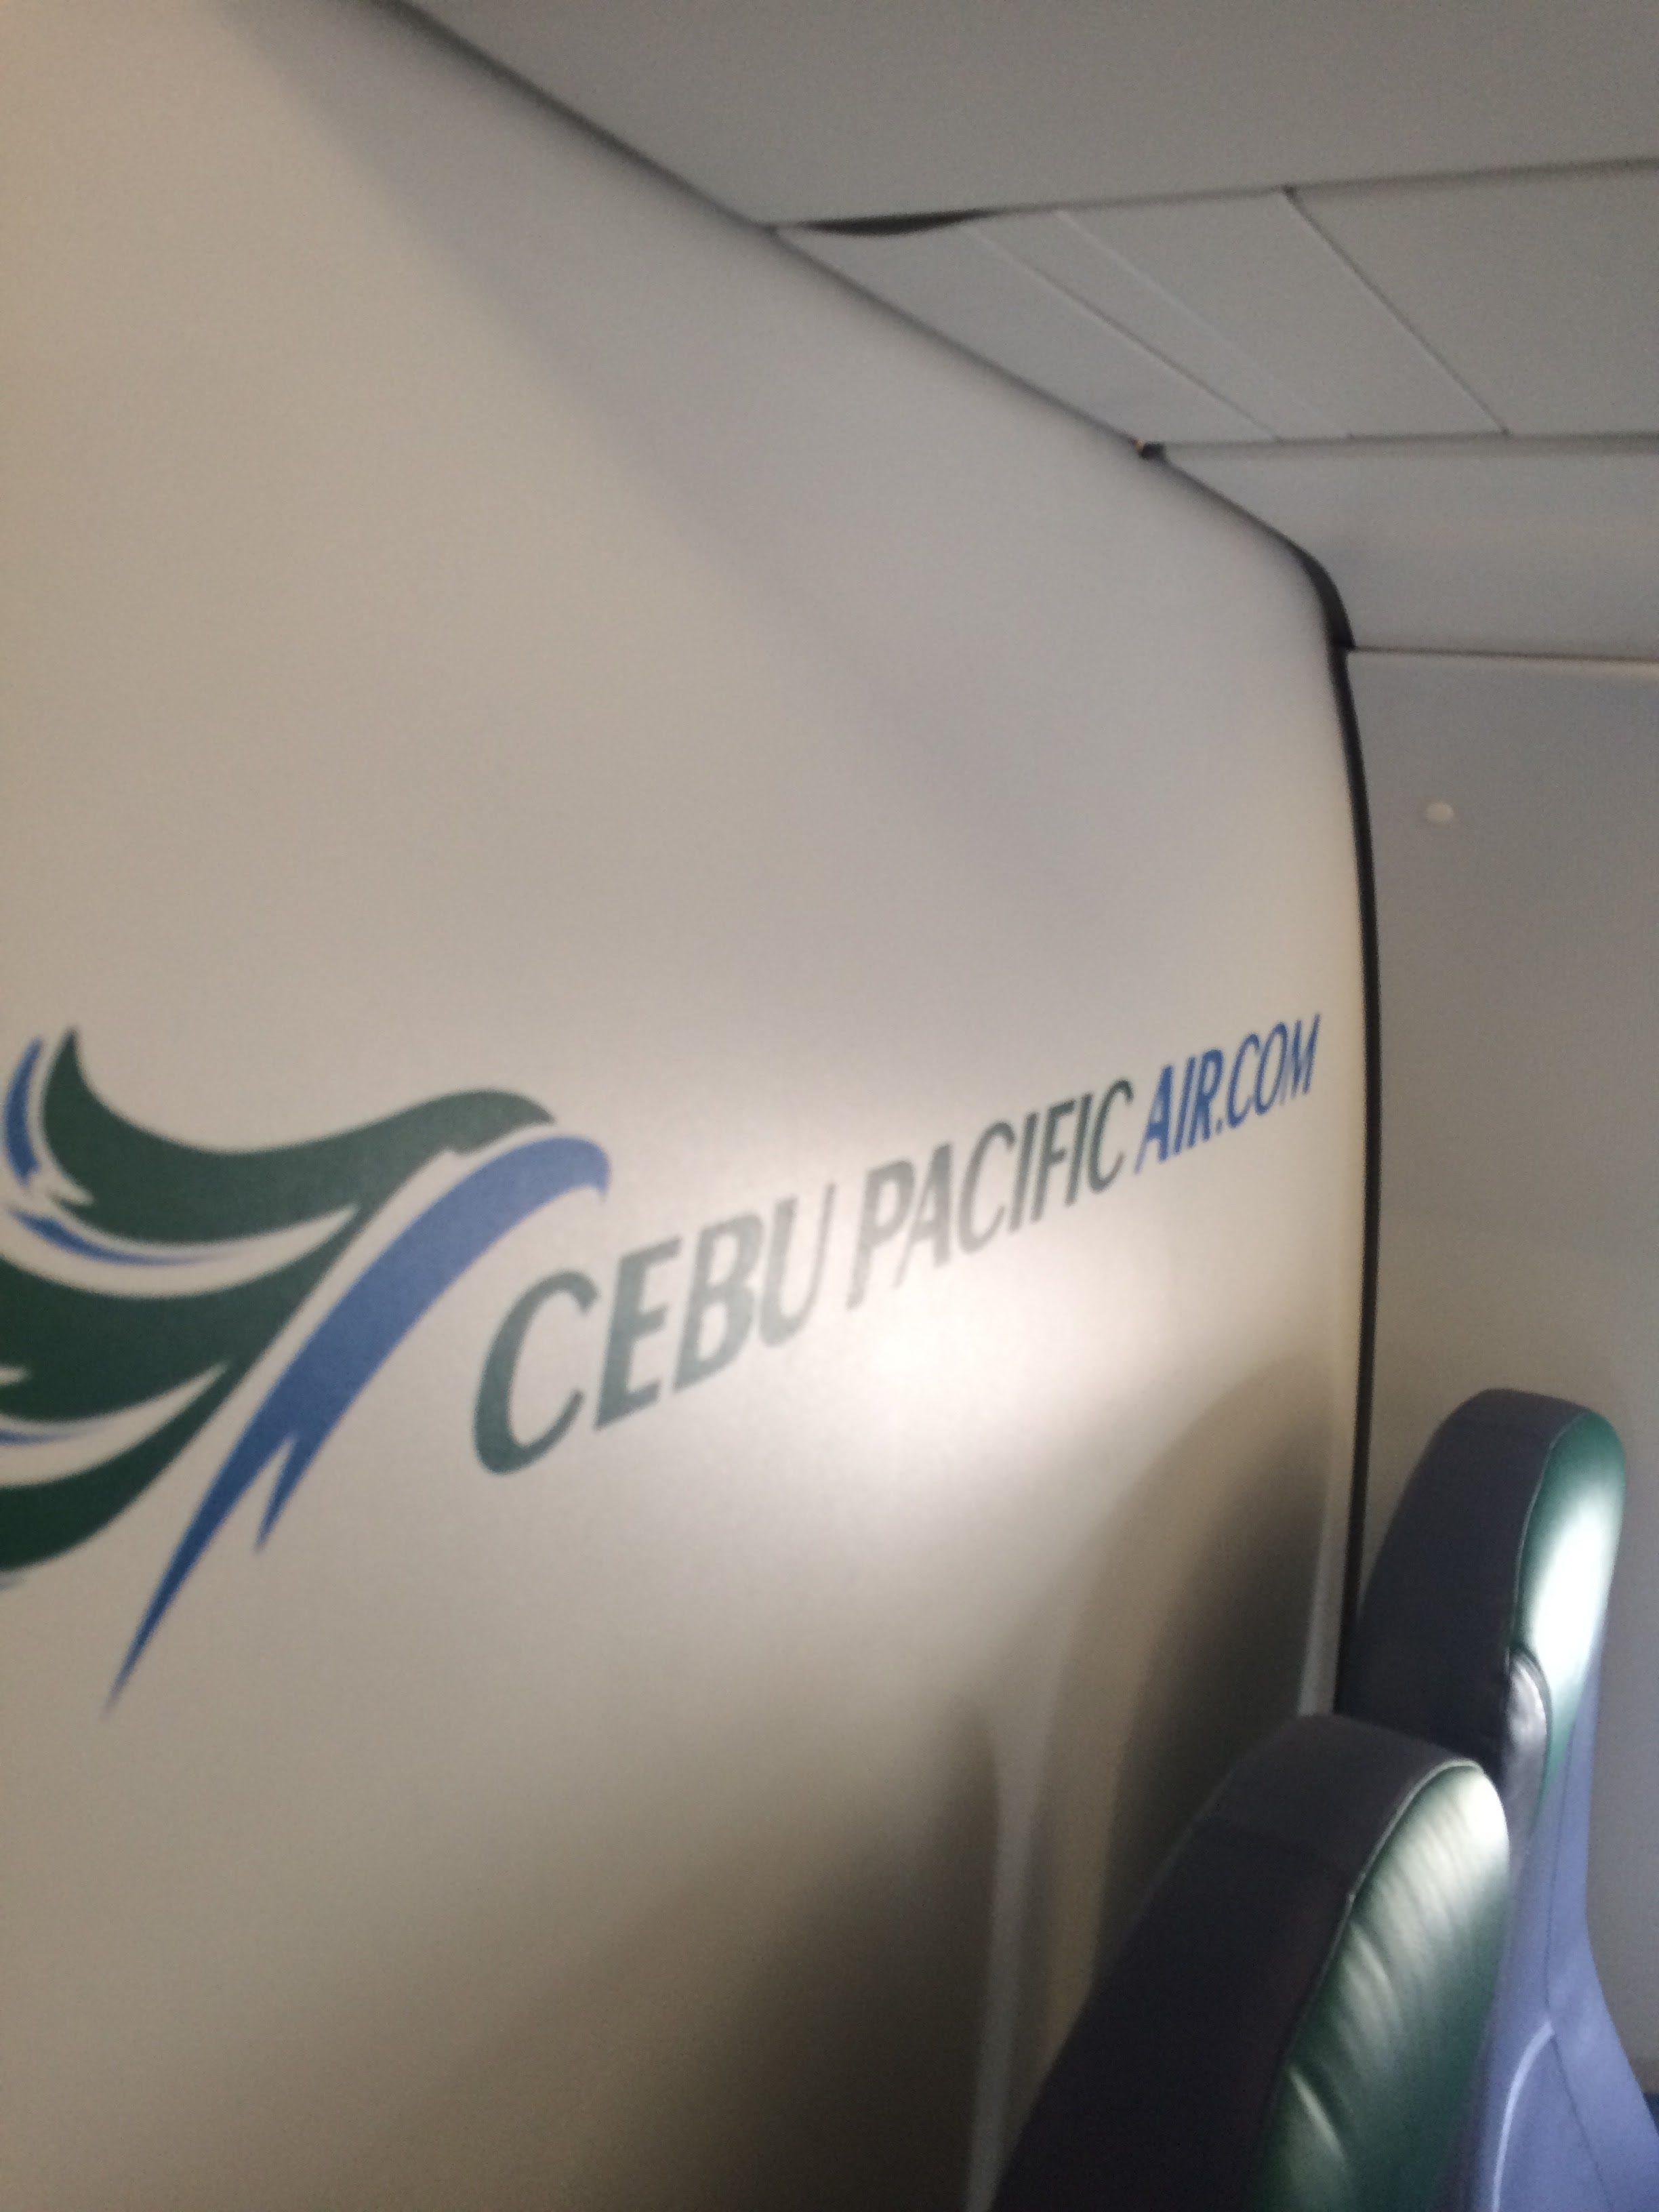 マニラ国際空港から関西国際空港までセブパシフィック航空を利用してみた件